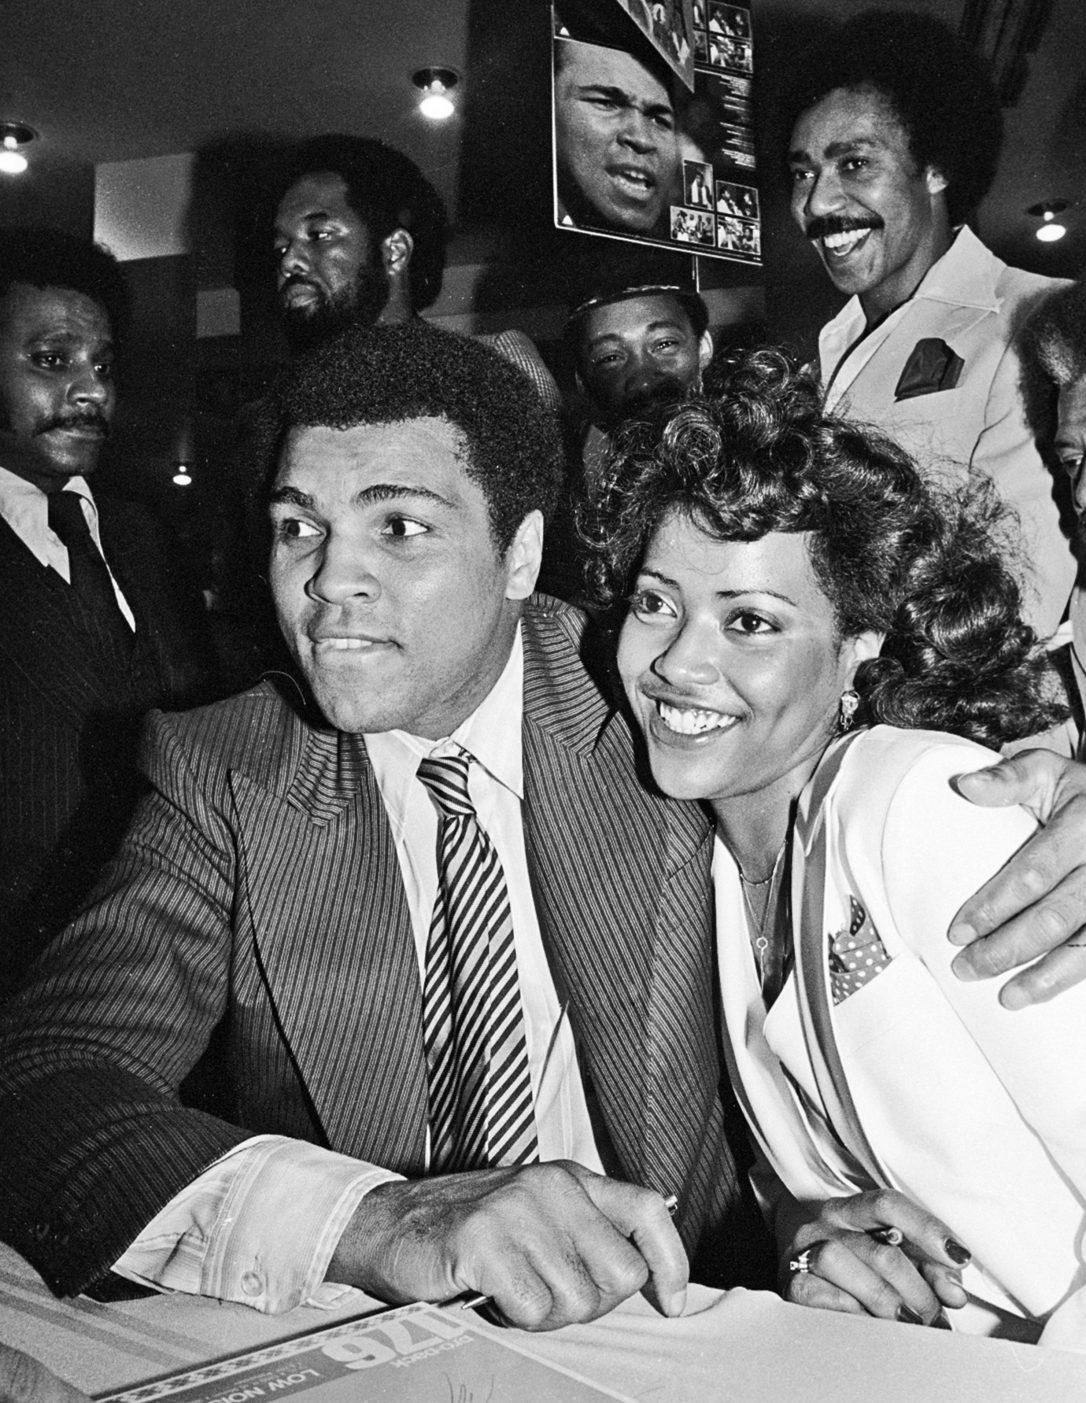 Muhammad Ali with Veronica Porche